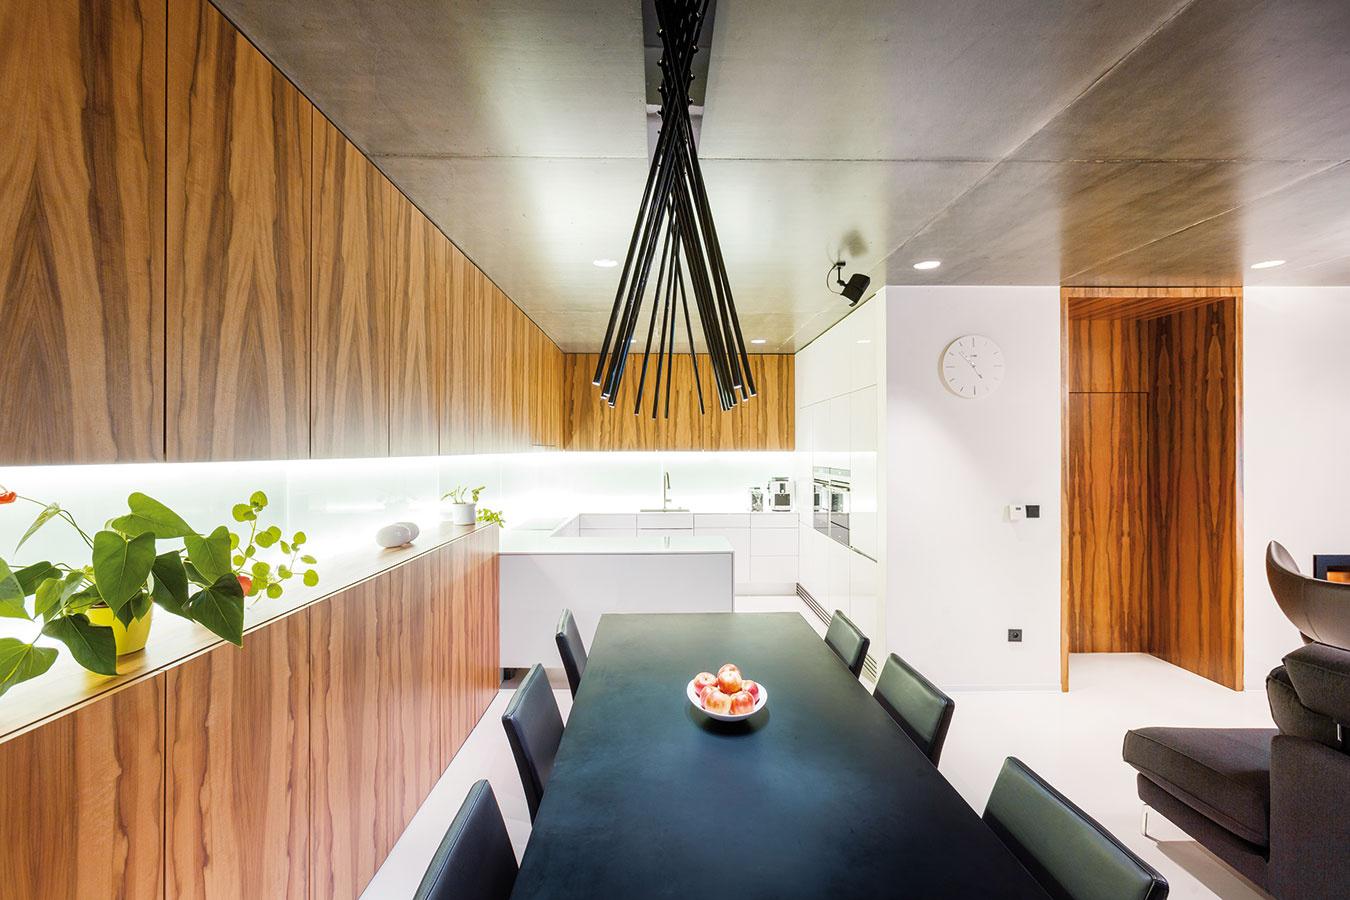 Uzavreté police v jedálenskej časti sú priamym pokračovaním kuchynskej linky a slúžia na uskladnenie nevyhnutností. Opakujúci sa materiál dodáva neveľkému priestoru zaujímavý rozmer.